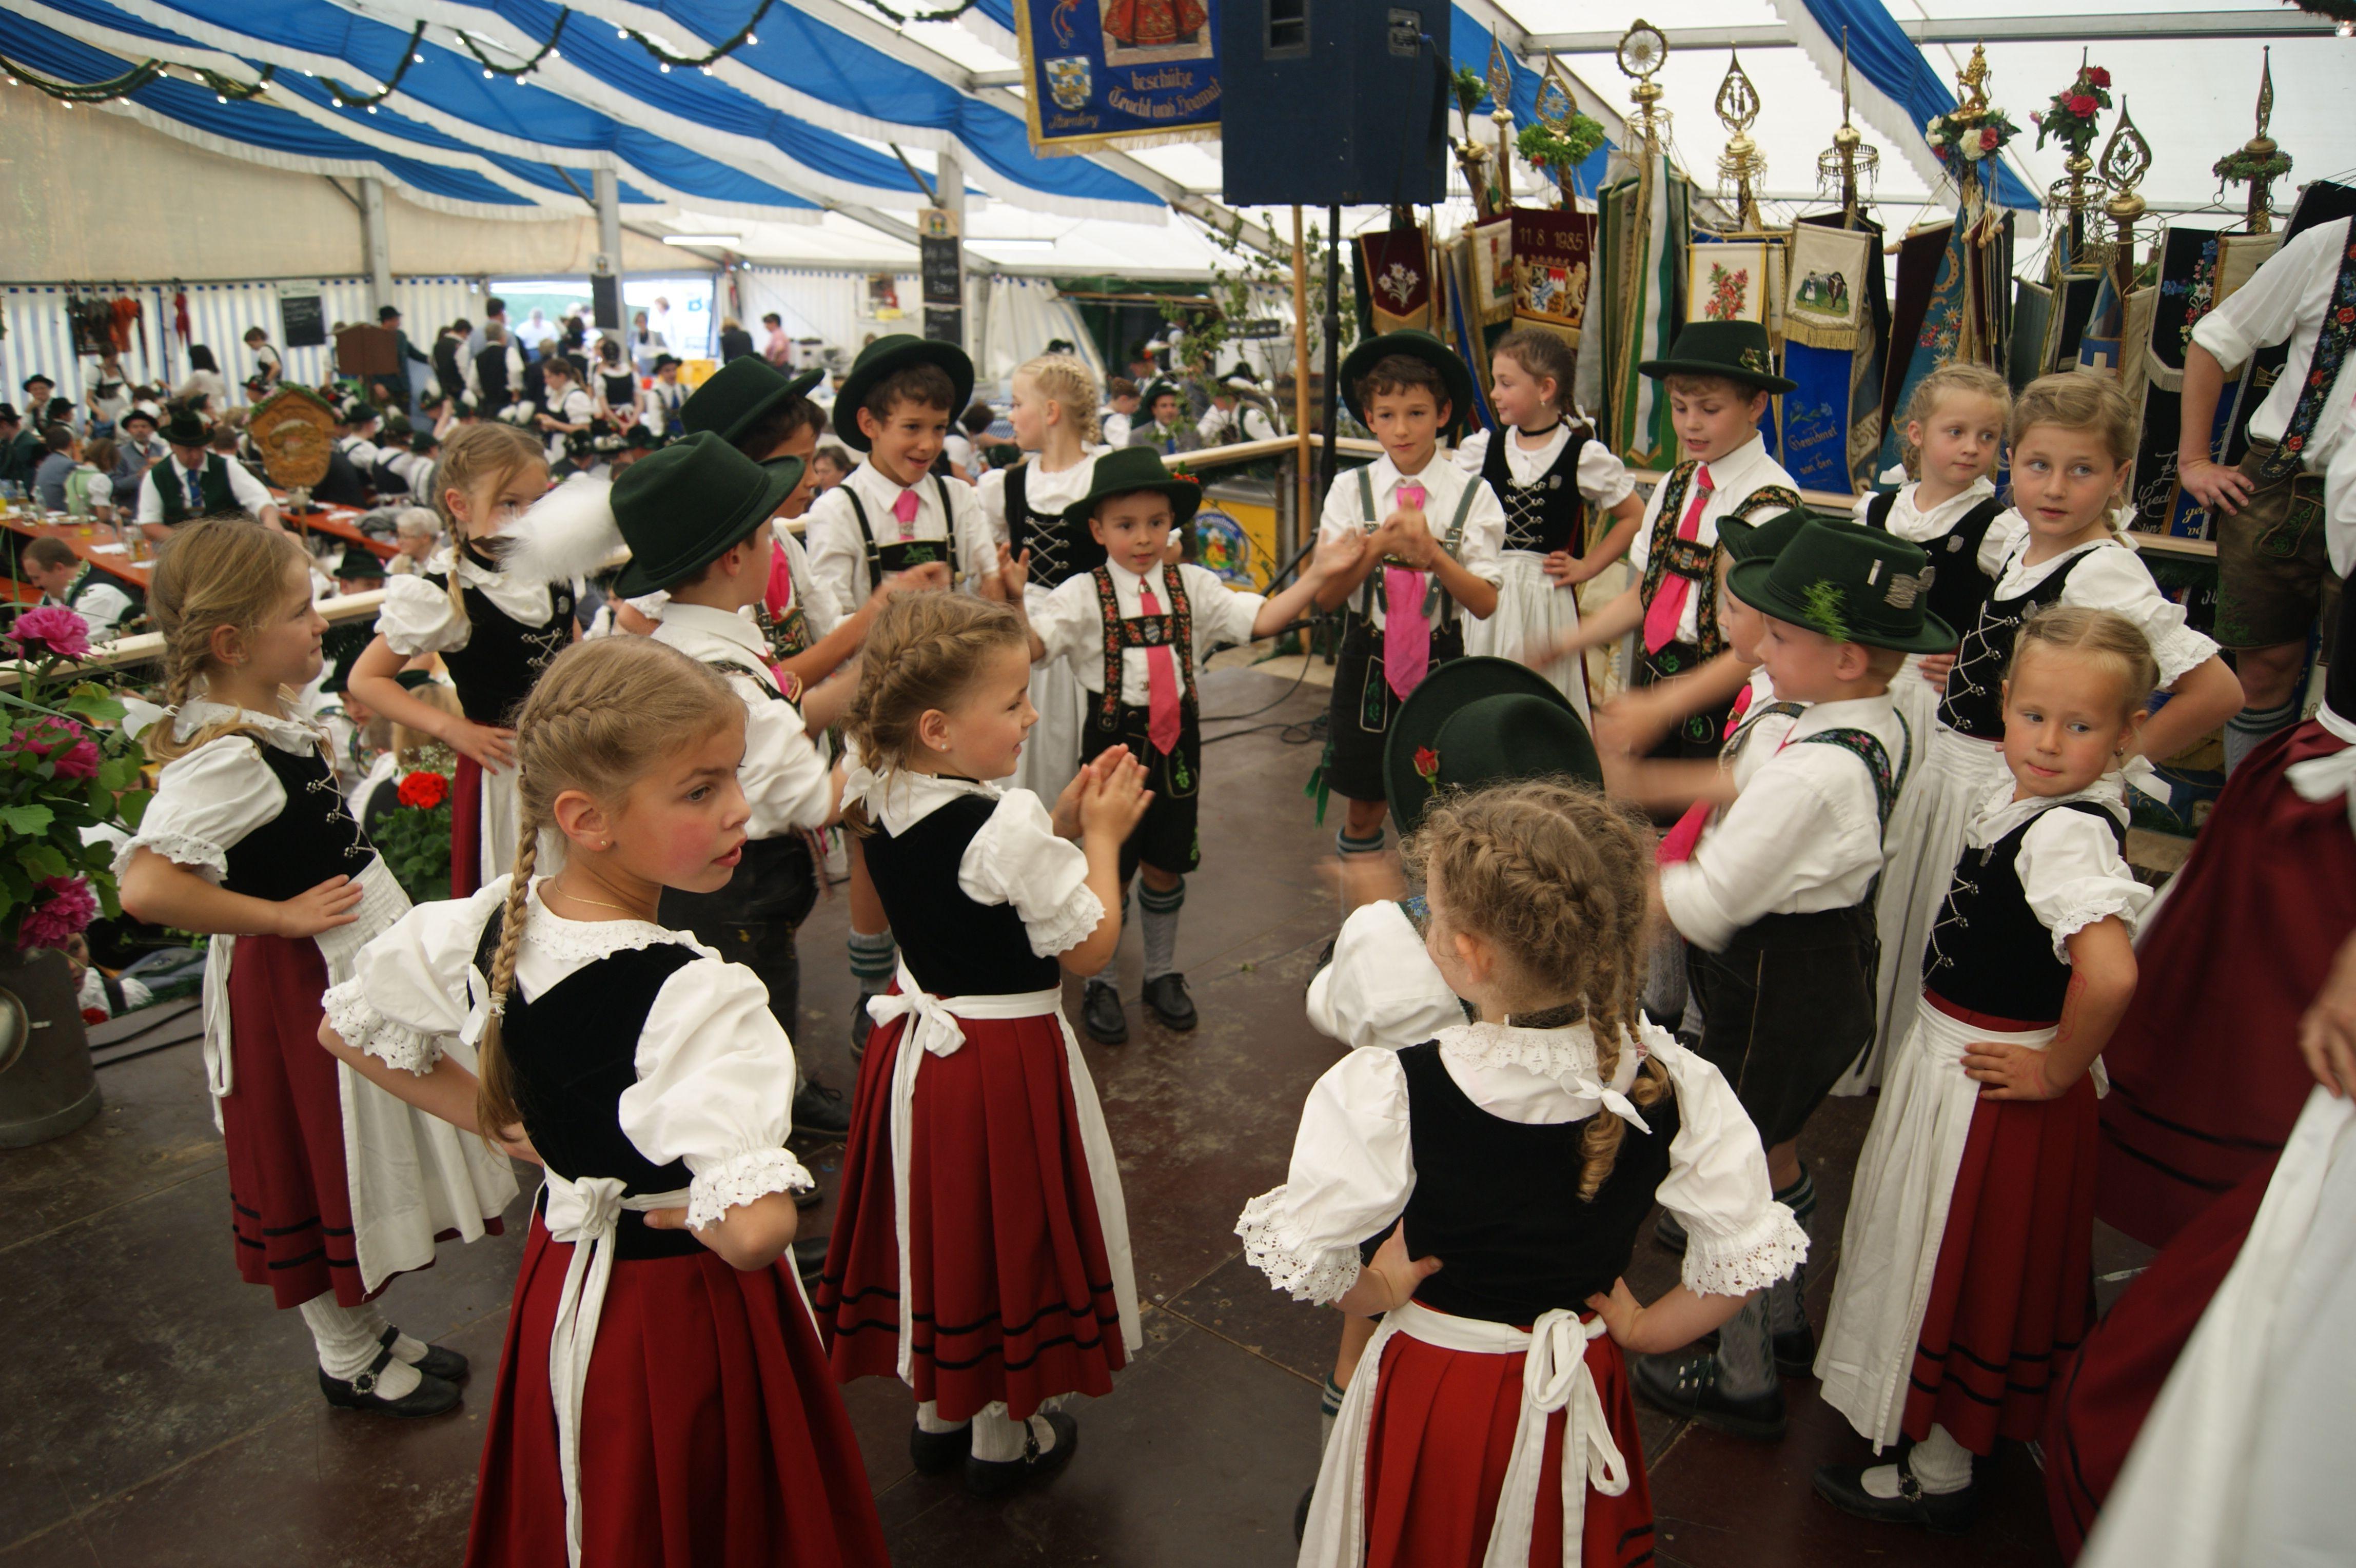 Antdorfer Kinder bei ihrem Auftritt